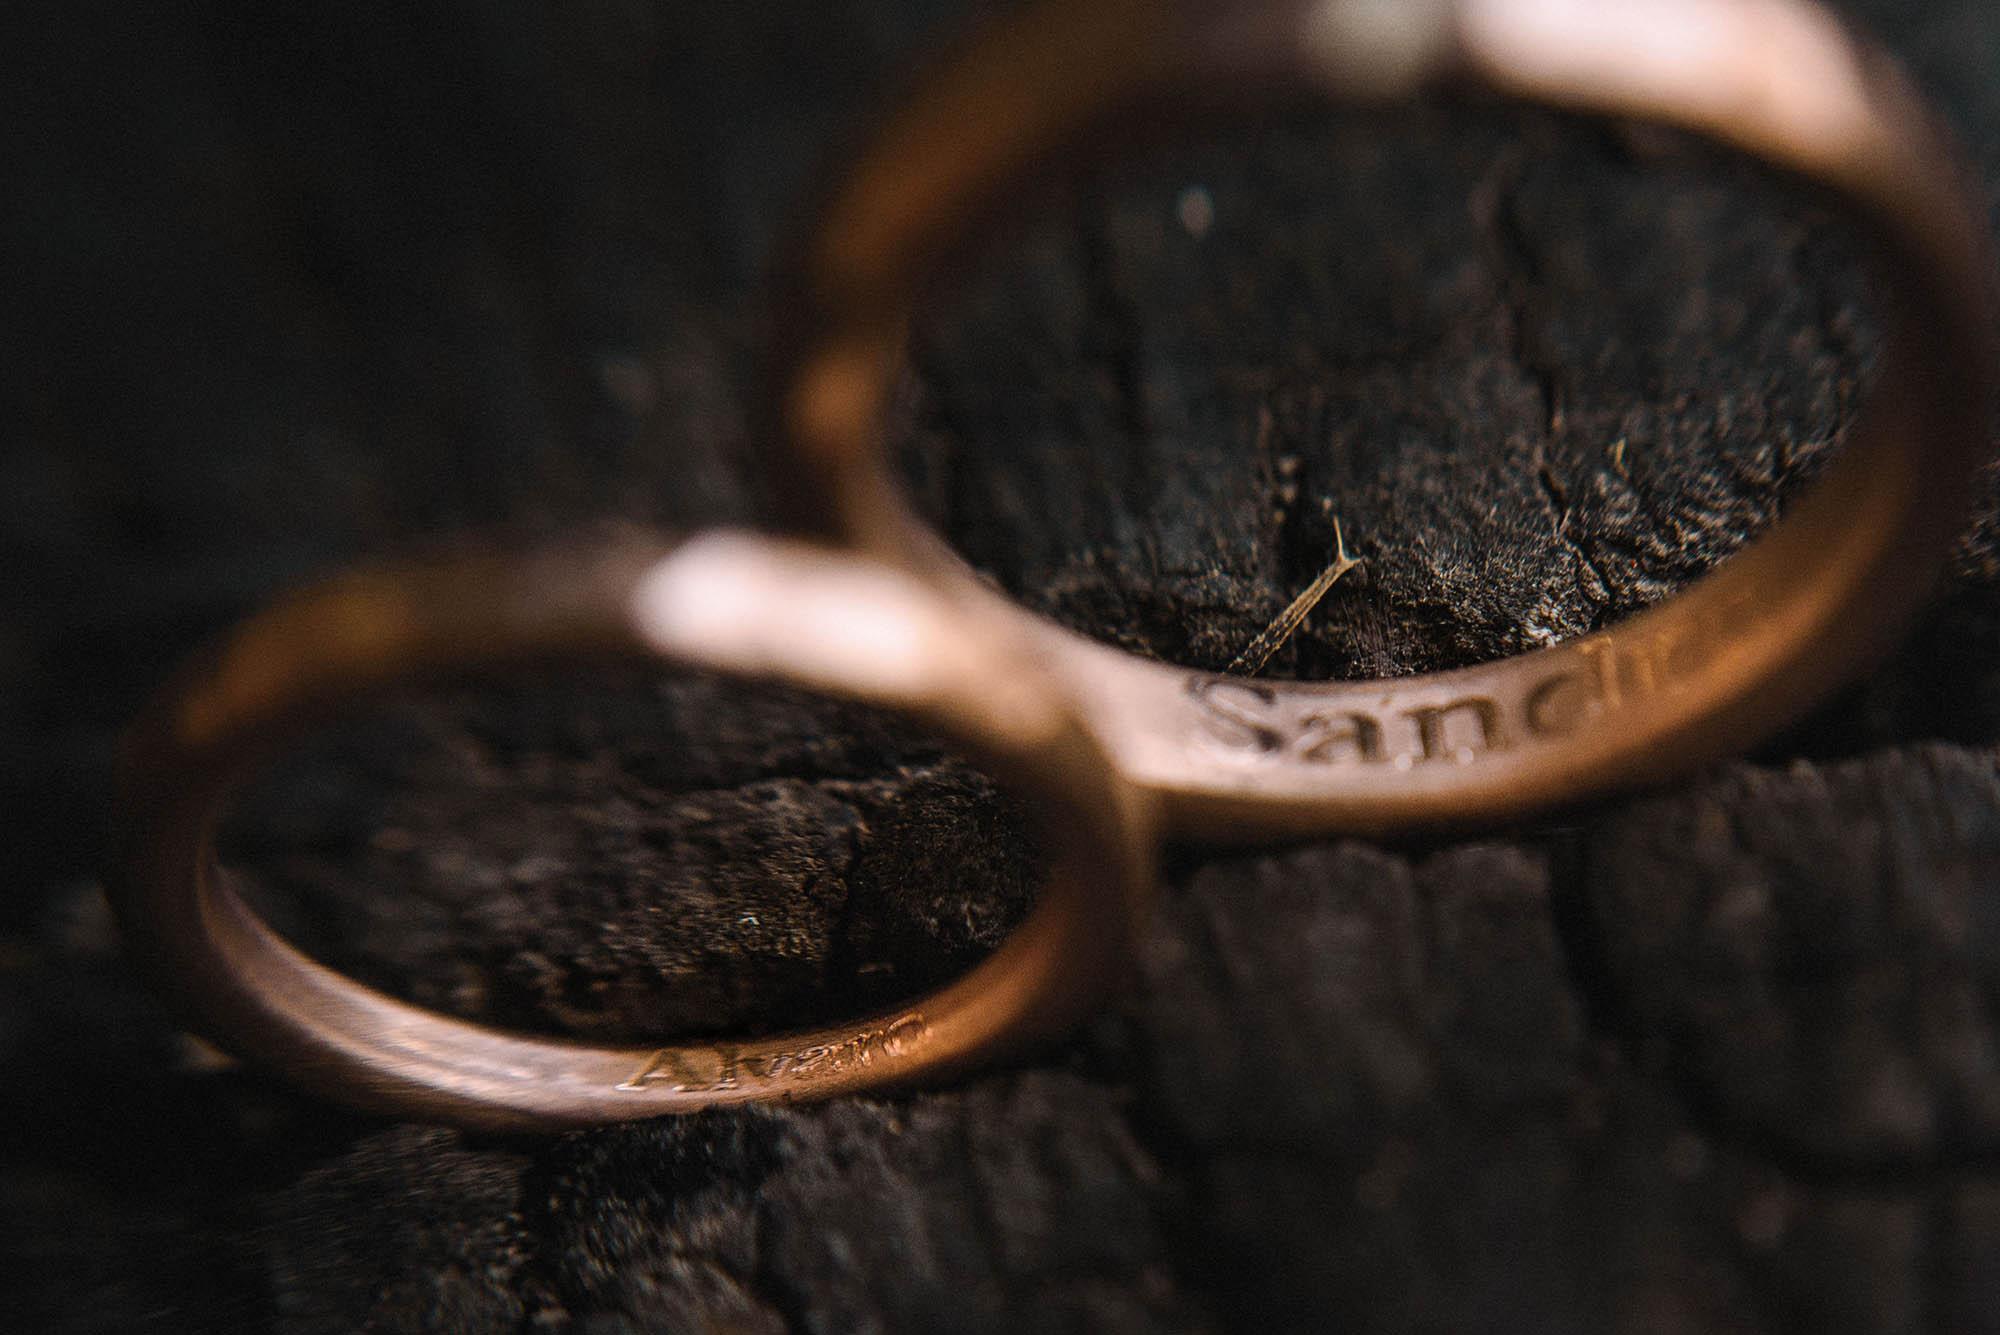 detalles anillos grabado magali espinosa fotografo boda compromiso.jpg